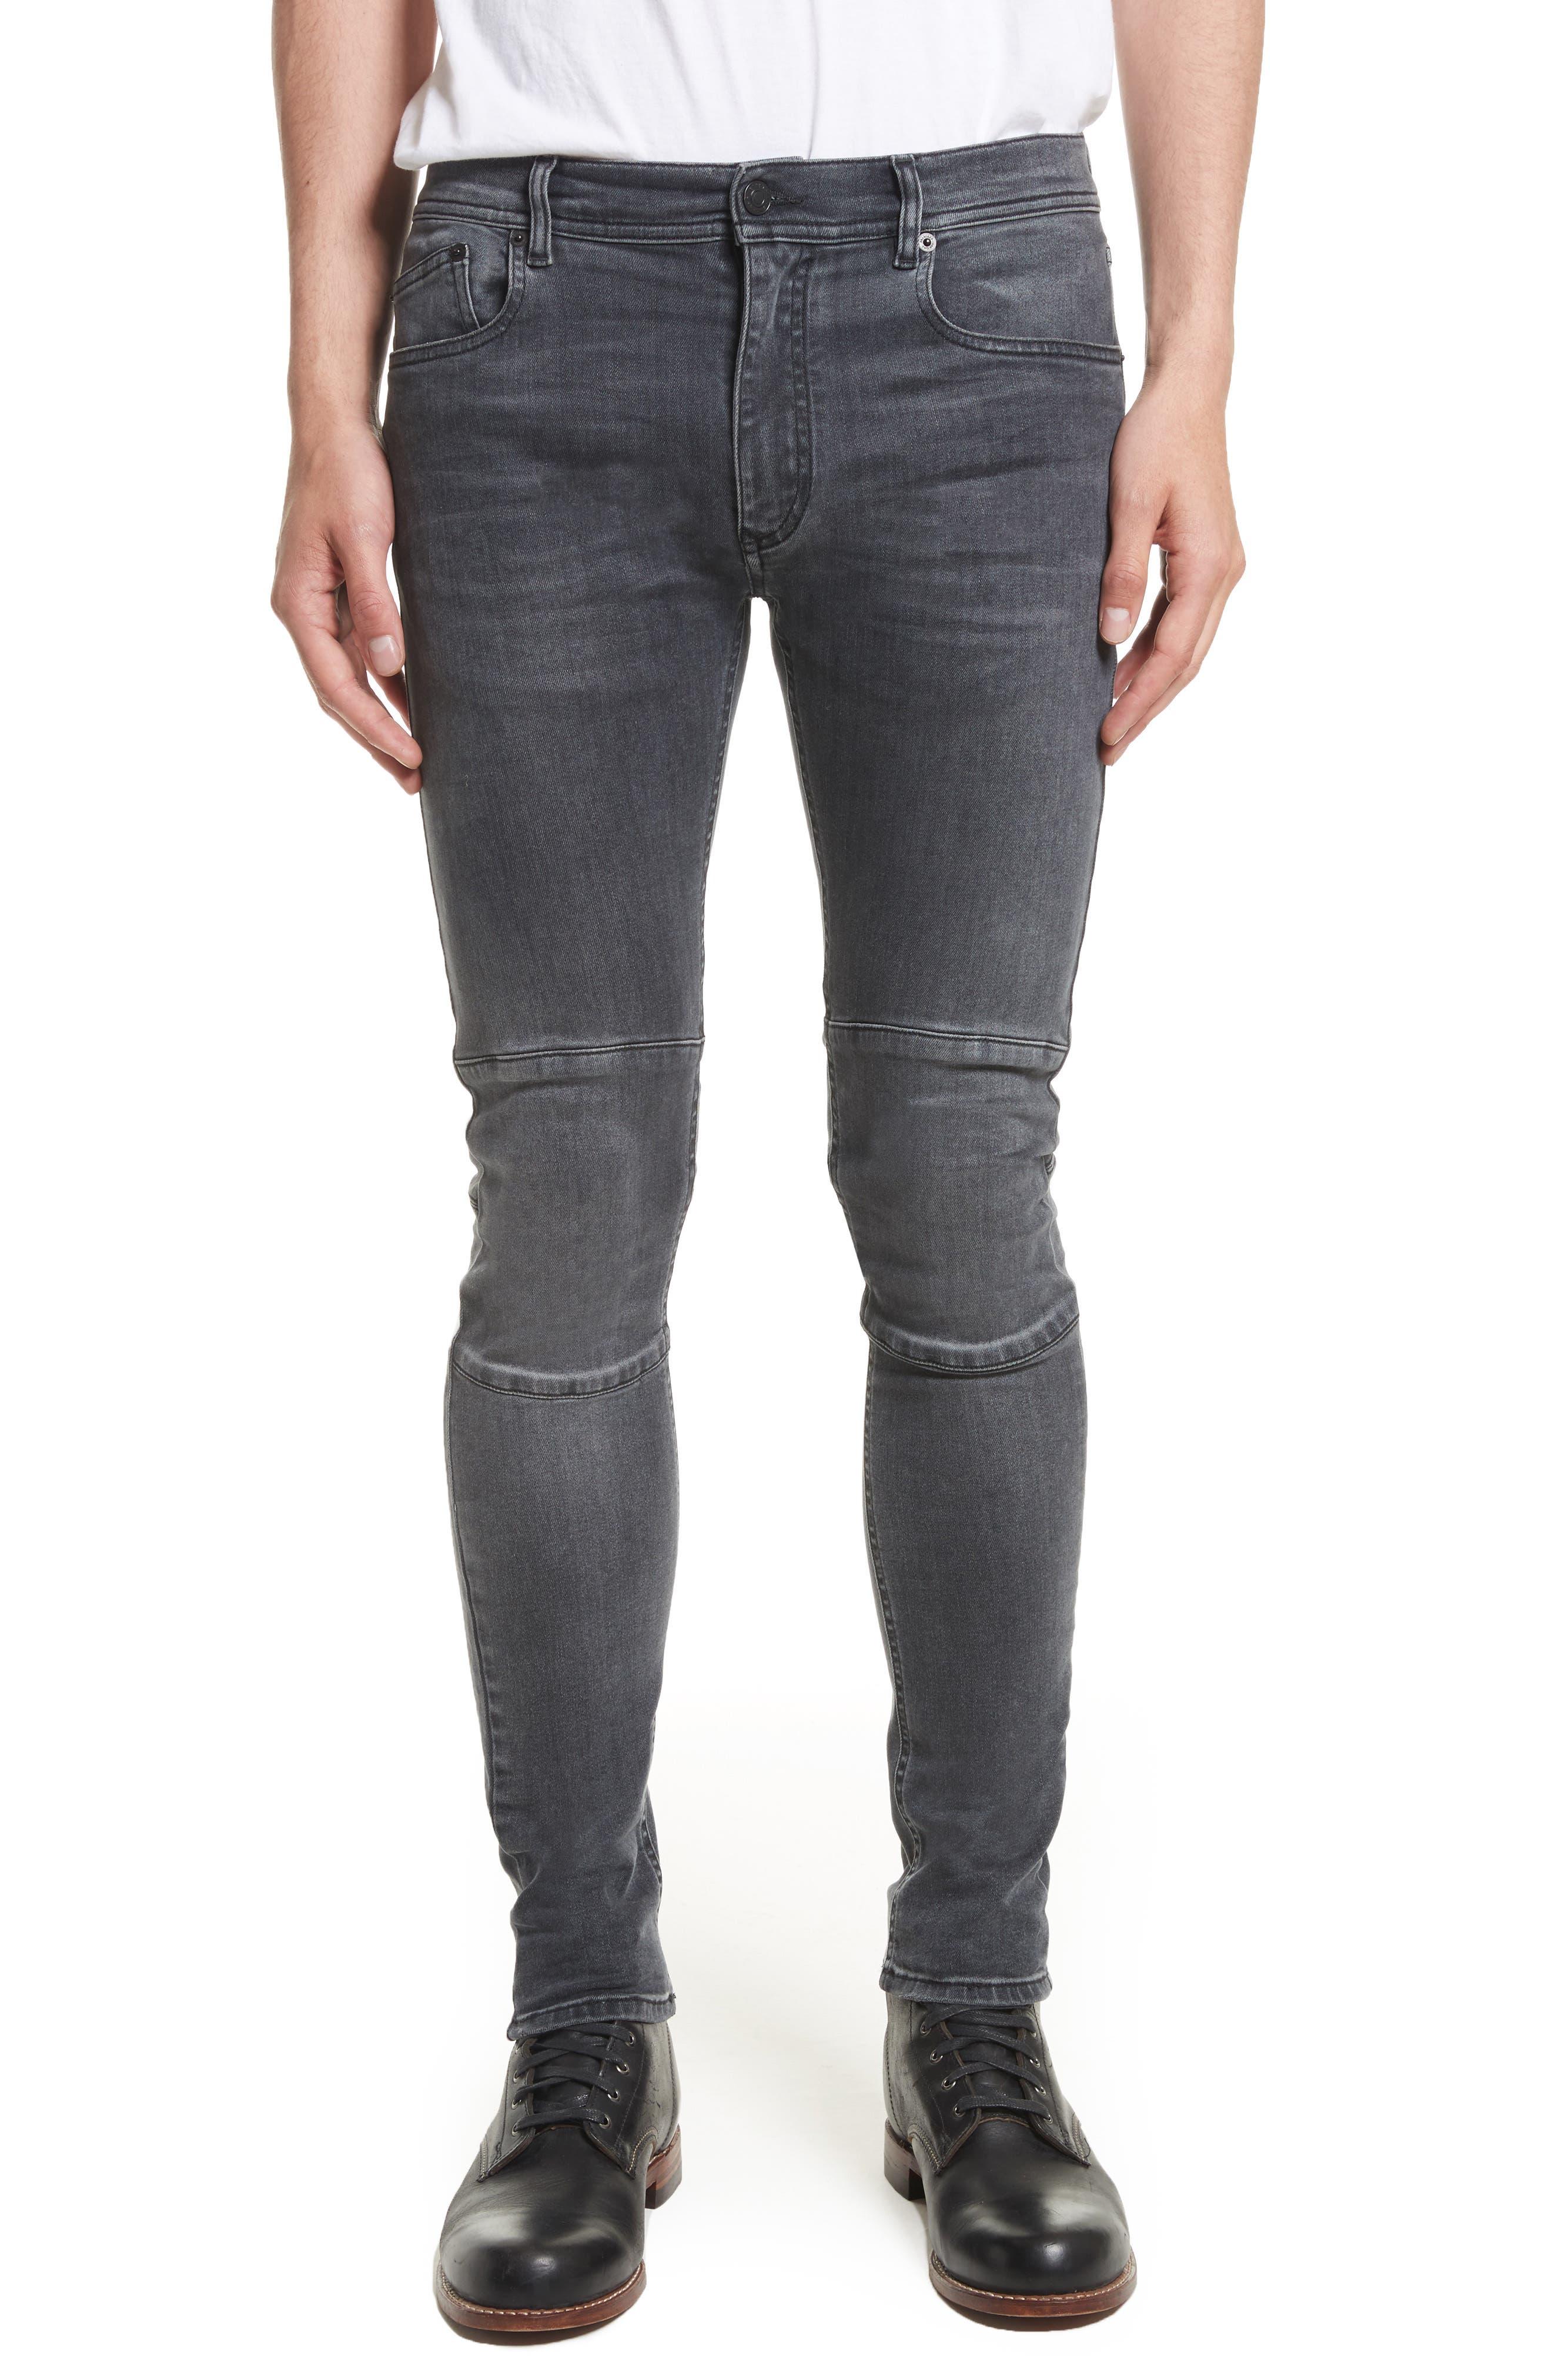 Belstaff Tattenhall Washed Denim Skinny Jeans (Charcoal)